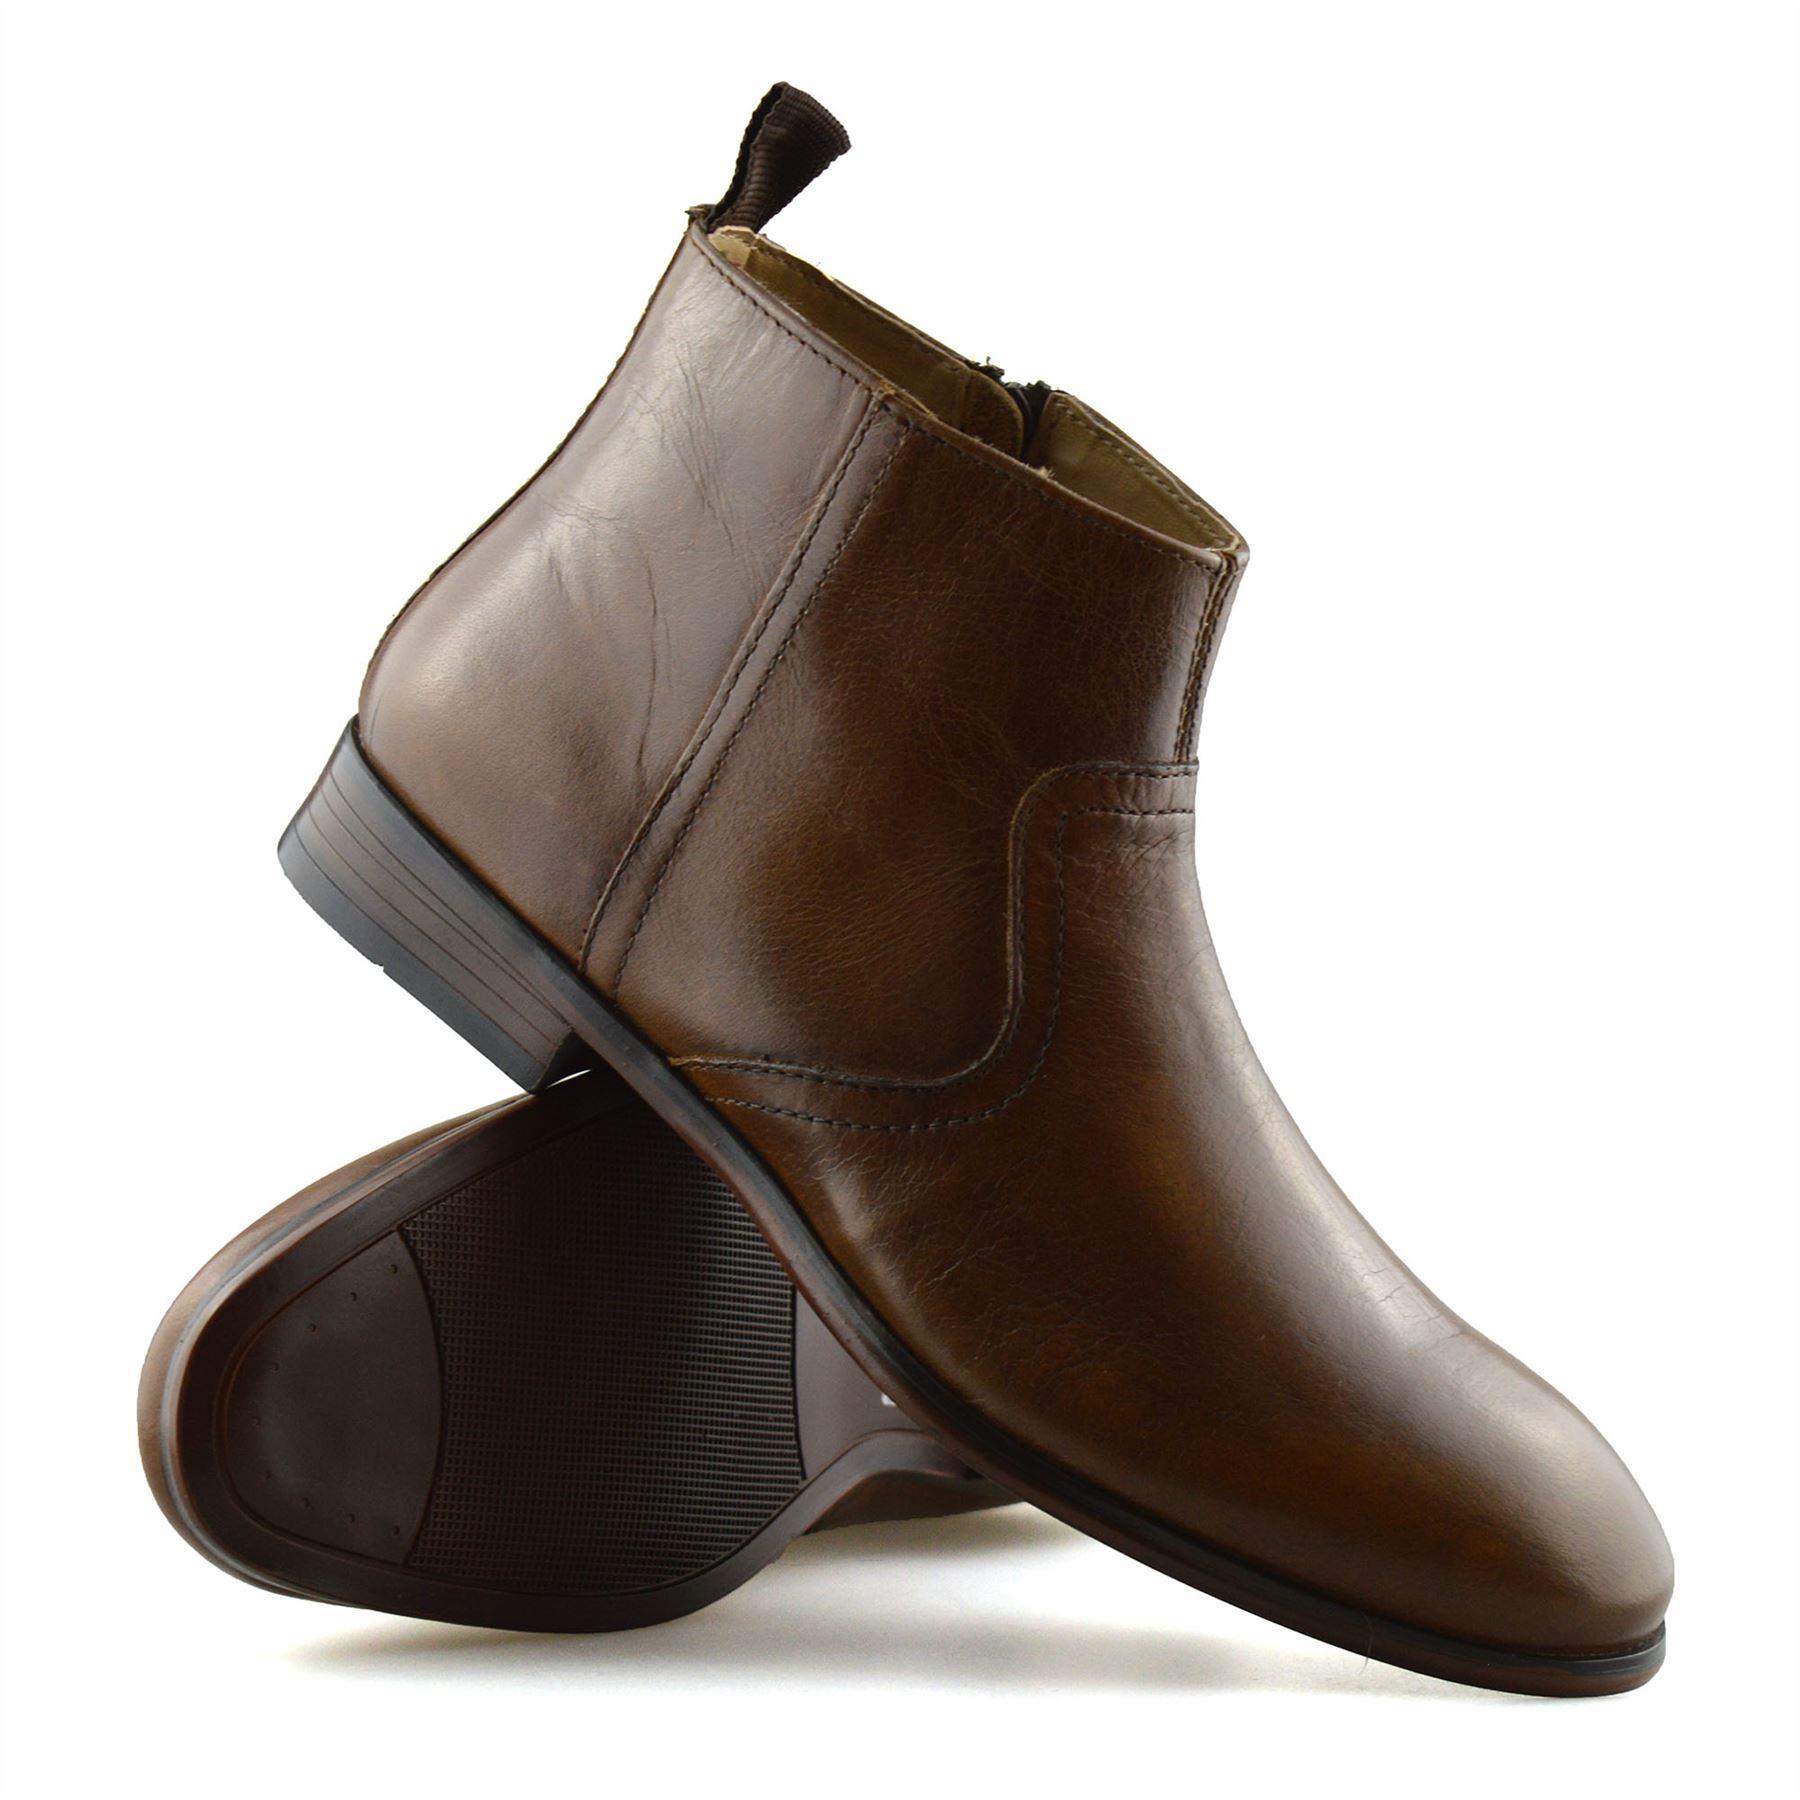 Hombre-Nuevo-Cuero-Cremallera-Formal-Smart-Trabajo-Distribuidor-Chelsea-Botas-al-Tobillo-Zapatos miniatura 21